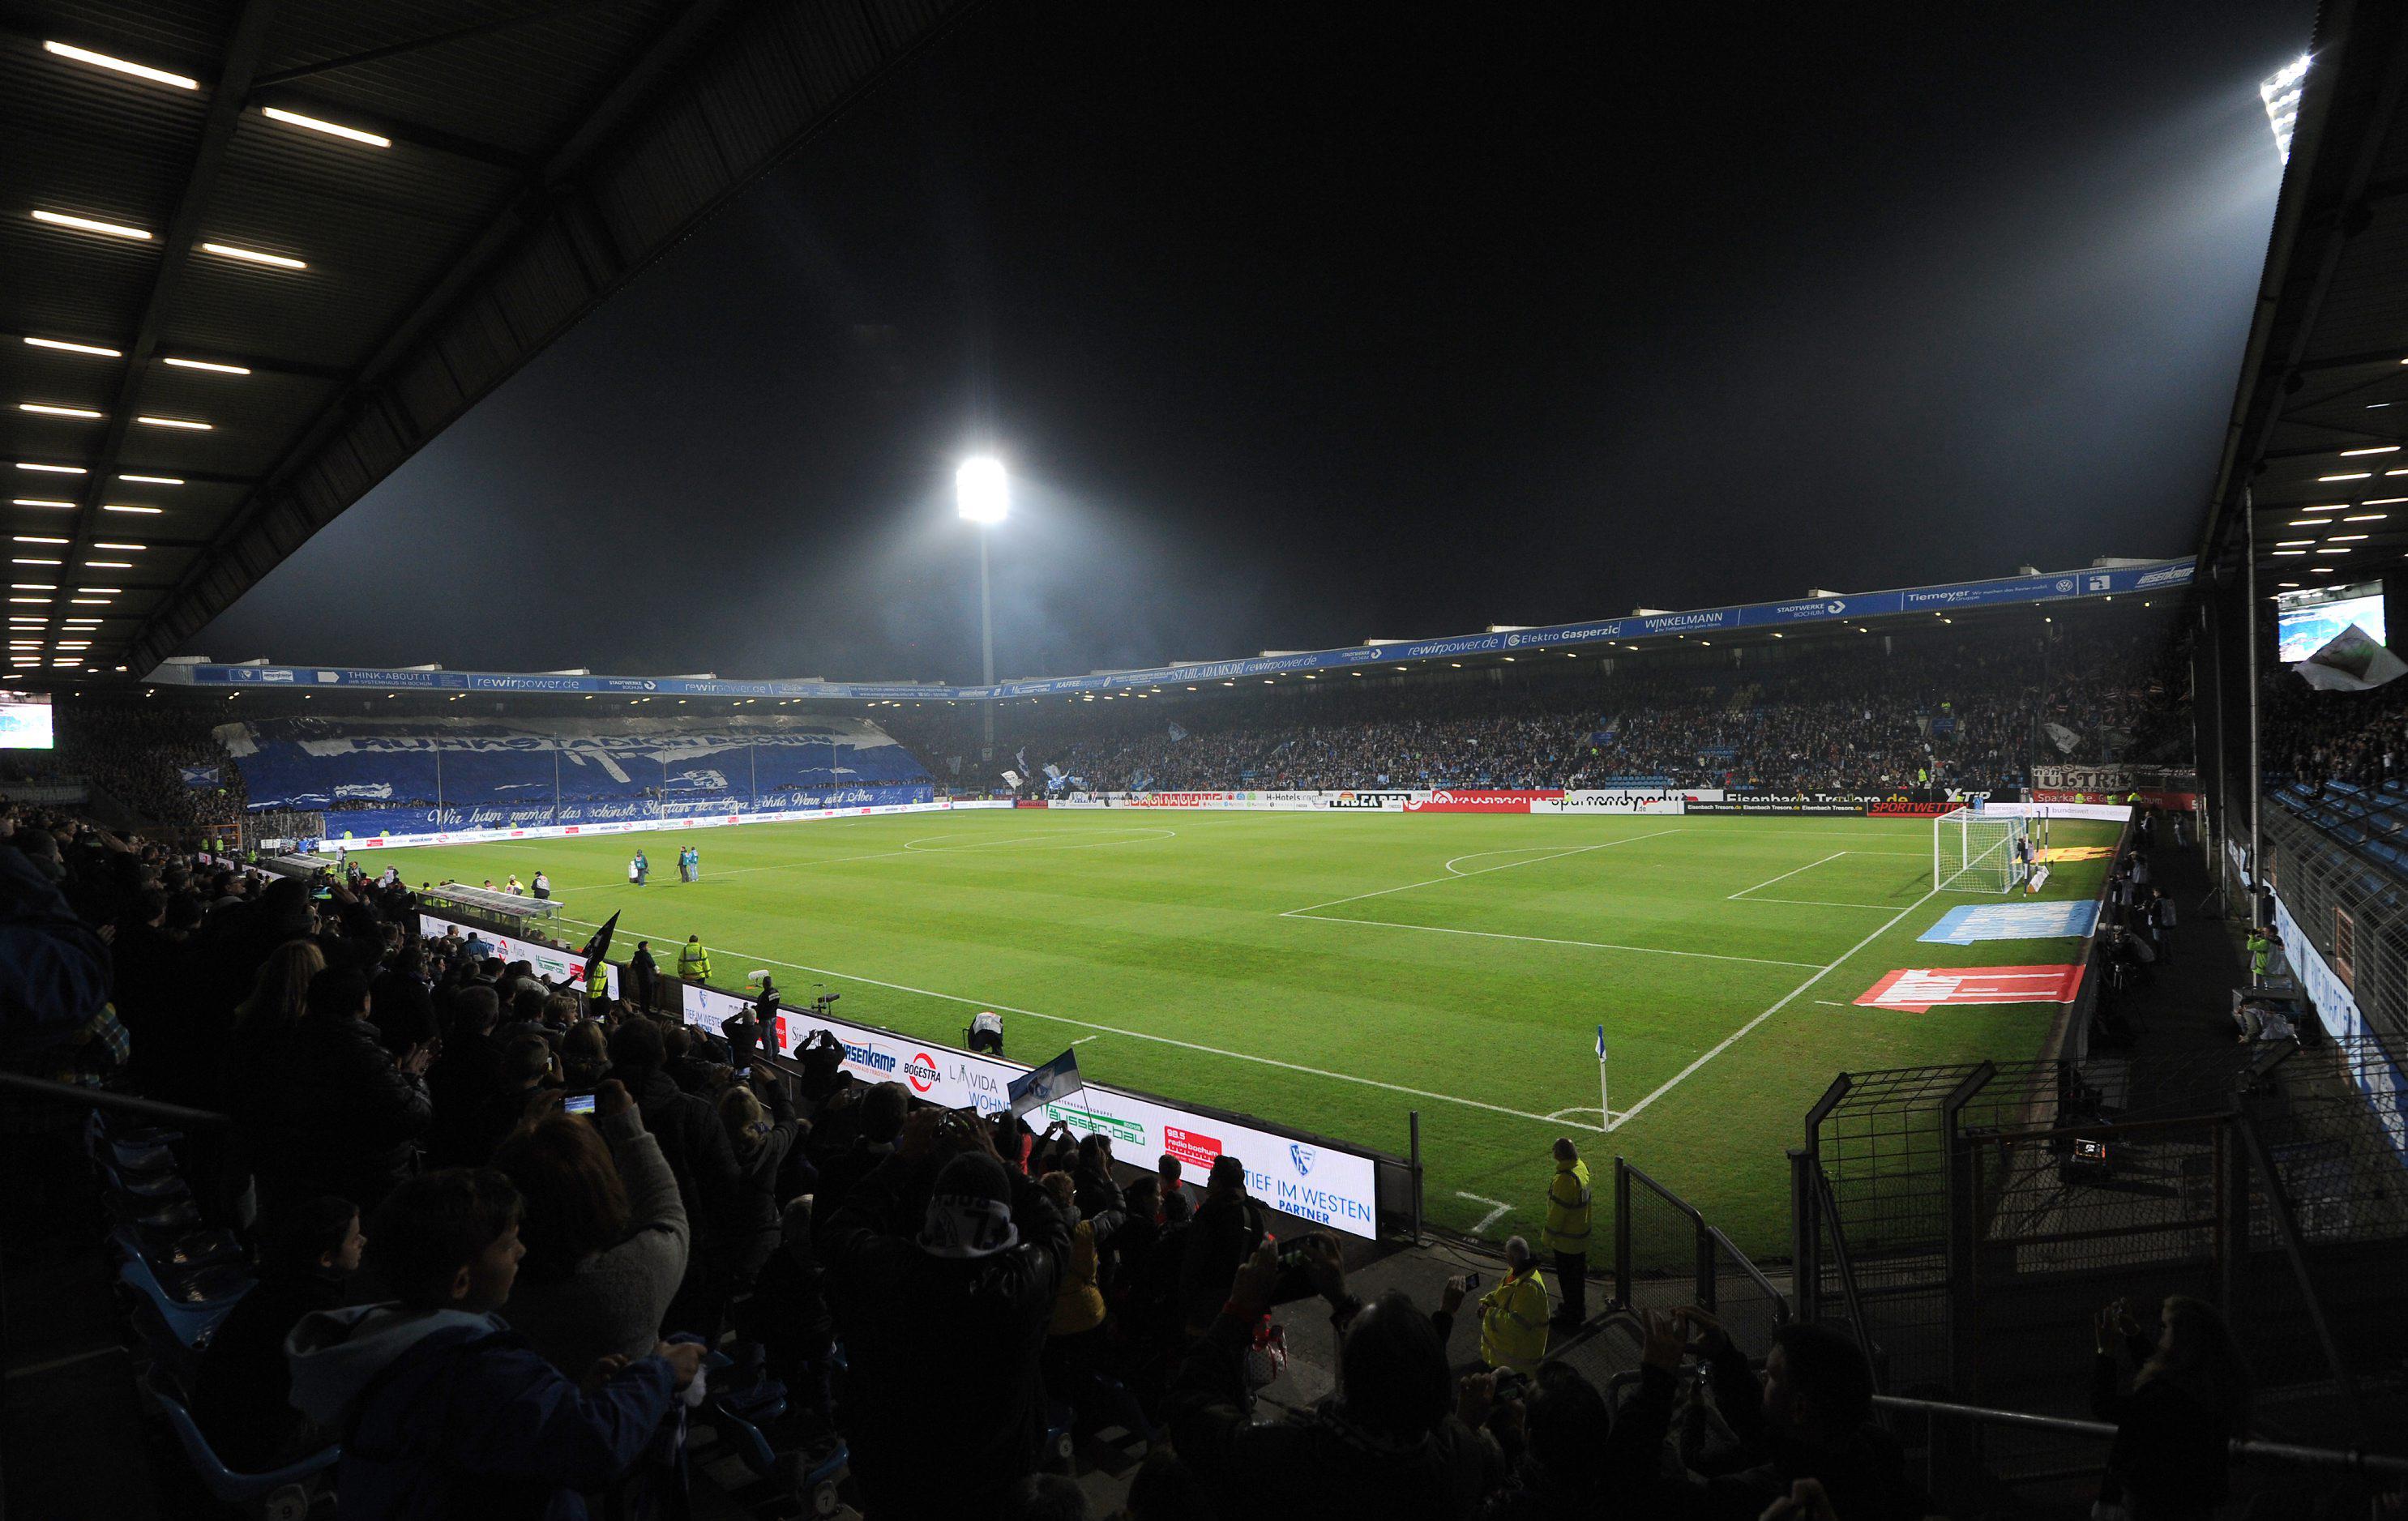 Rucksack- und Taschenverbot beim Saisonstart in Bochum